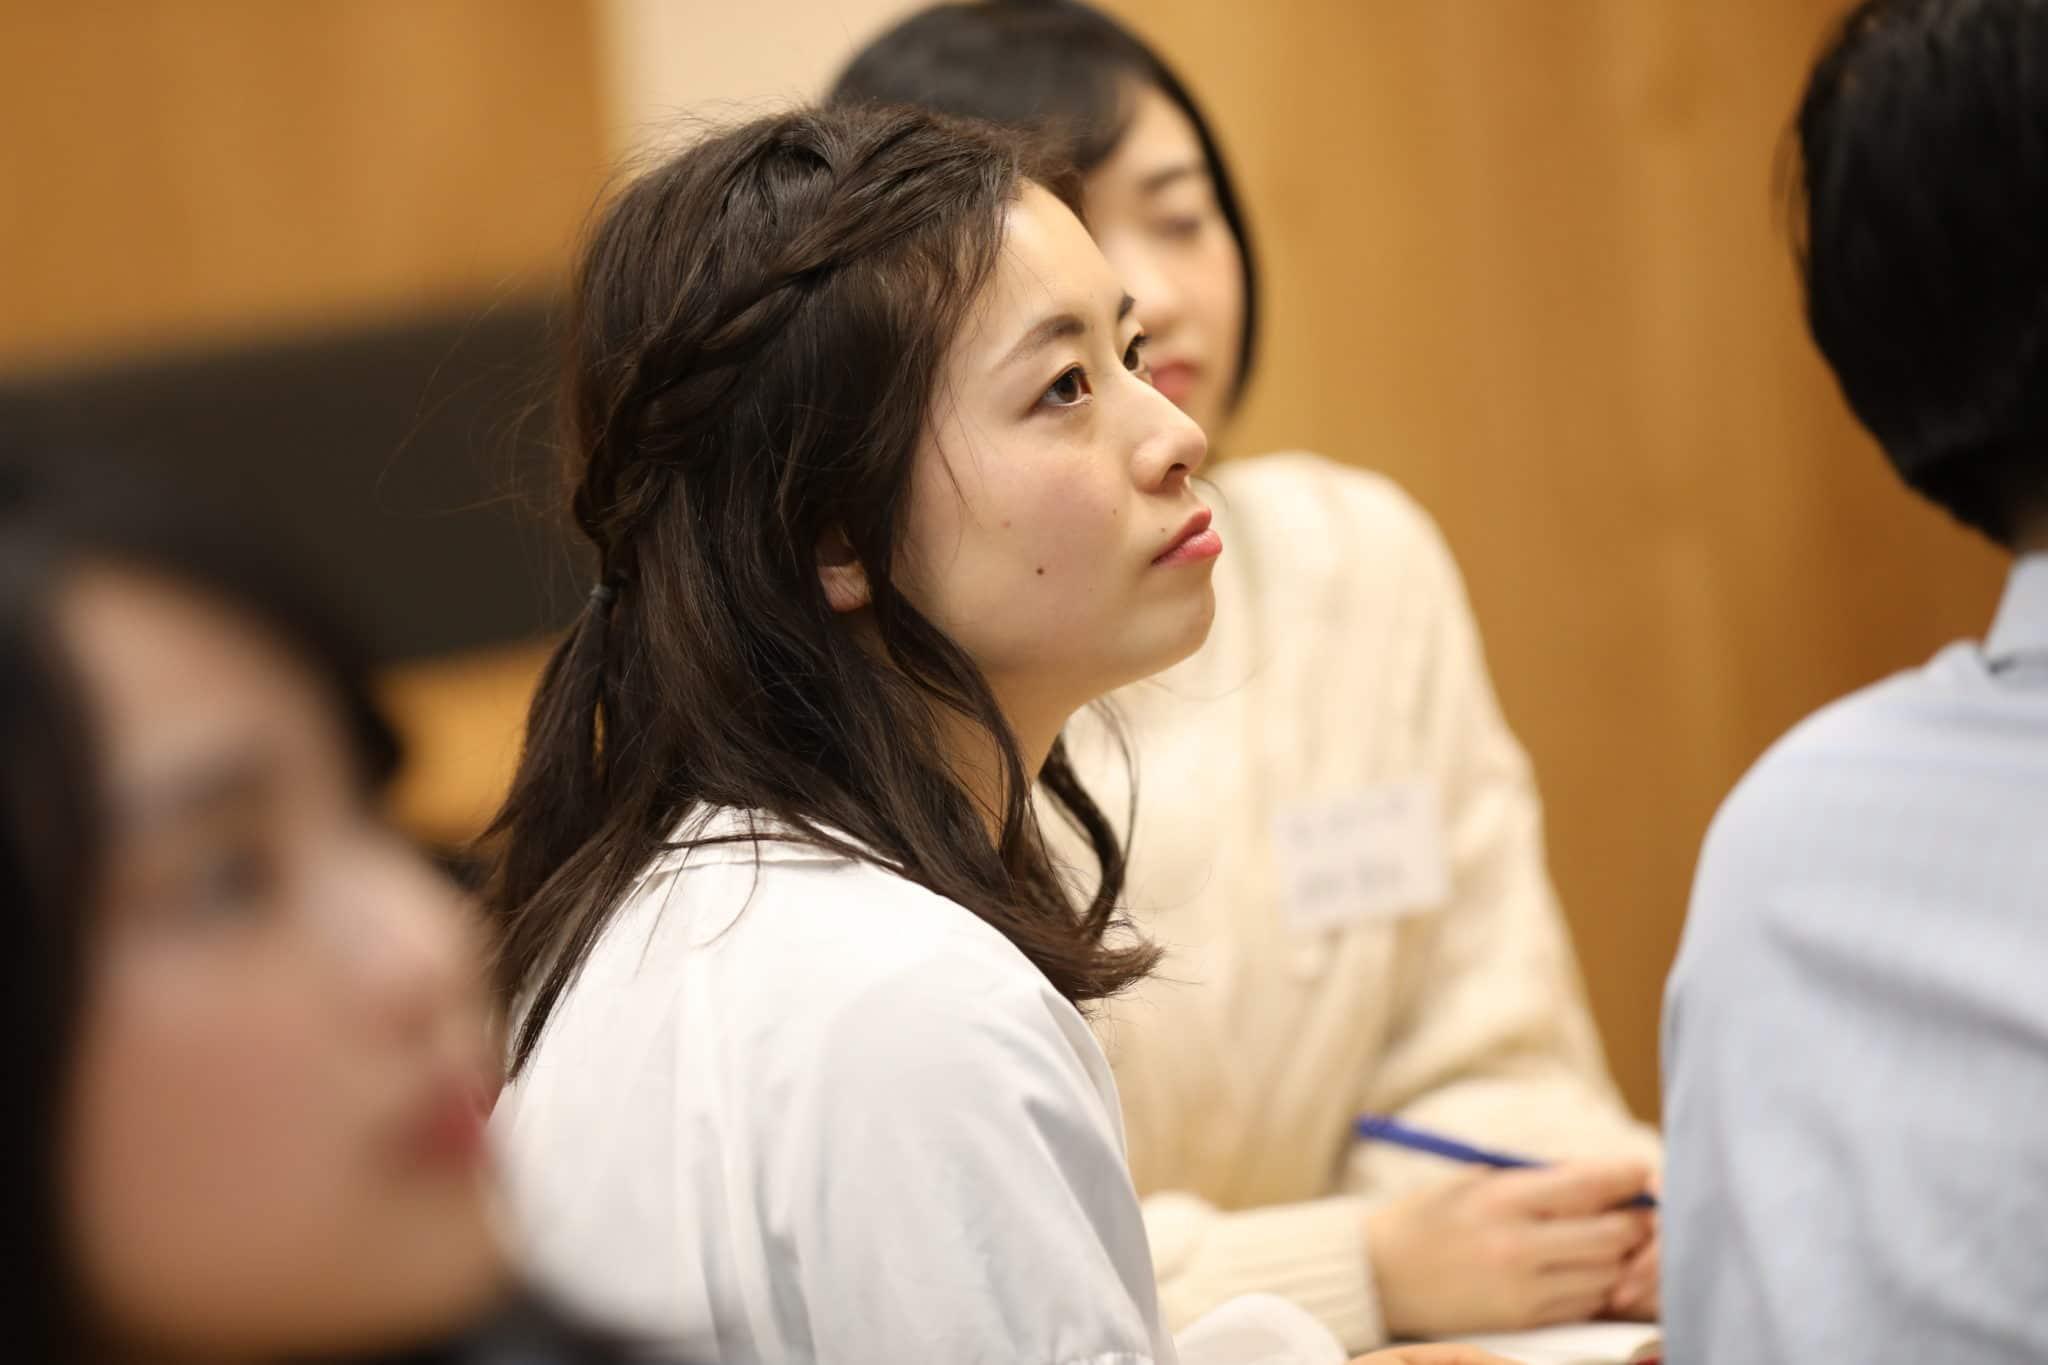 一挙公開!インターン・セミナー・就活イベント 10社参加レビュー